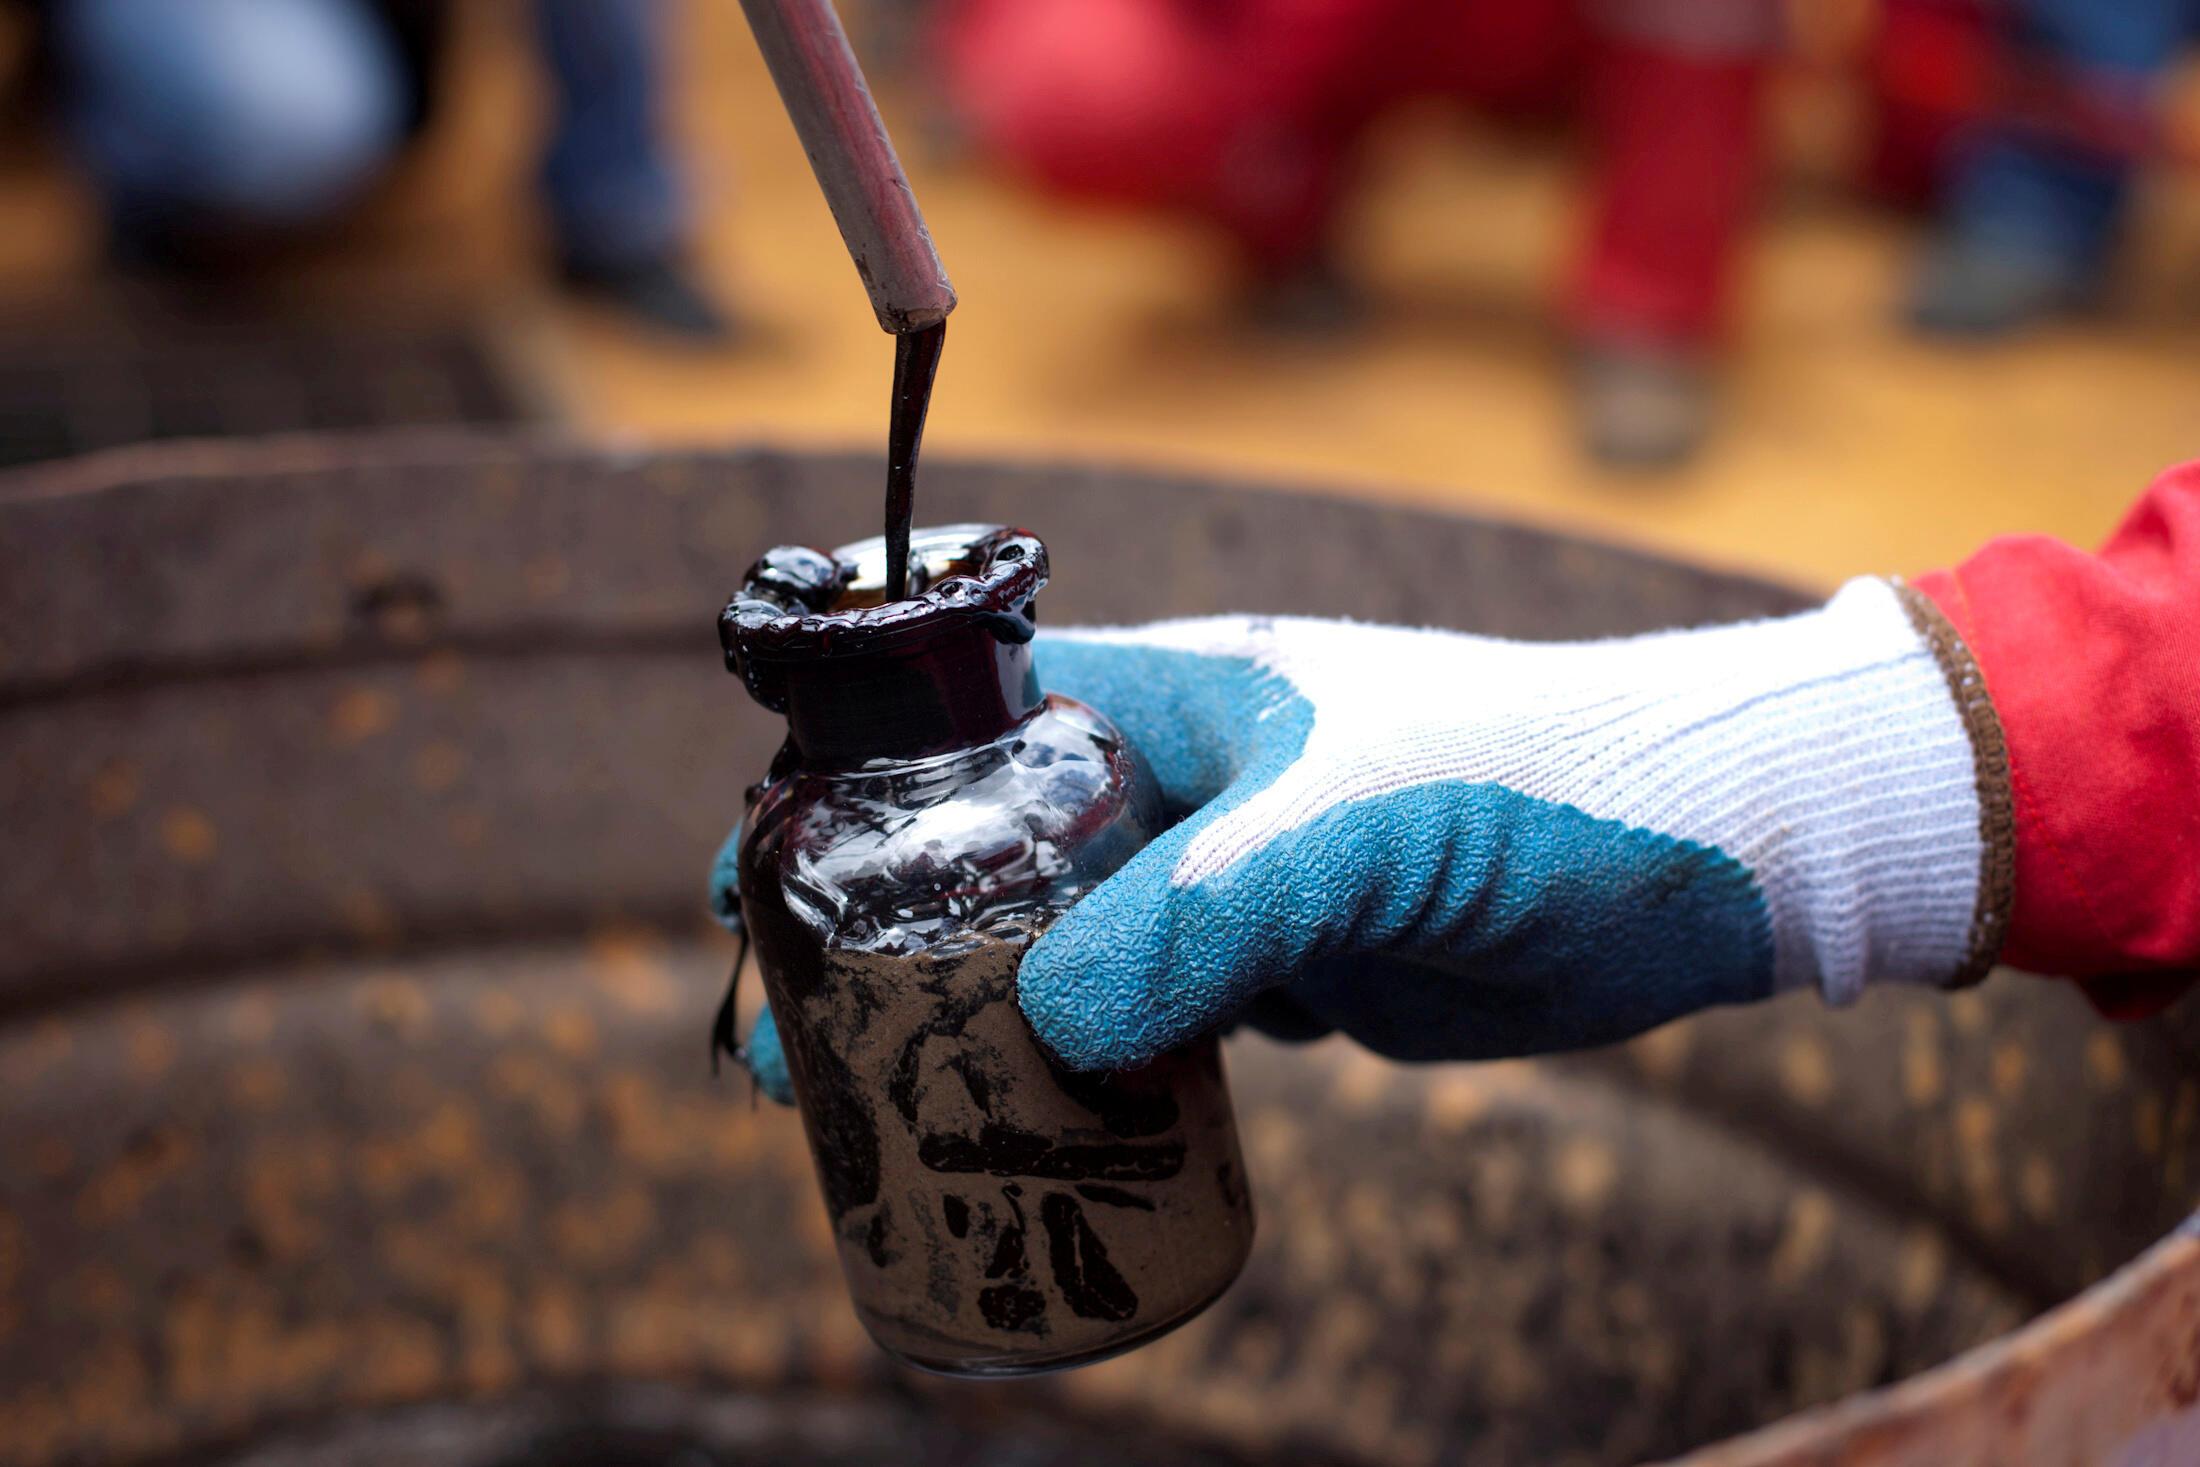 2021-01-13T232644Z_447267268_RC2B7L9HPEMX_RTRMADP_3_VENEZUELA-OIL-DEALS